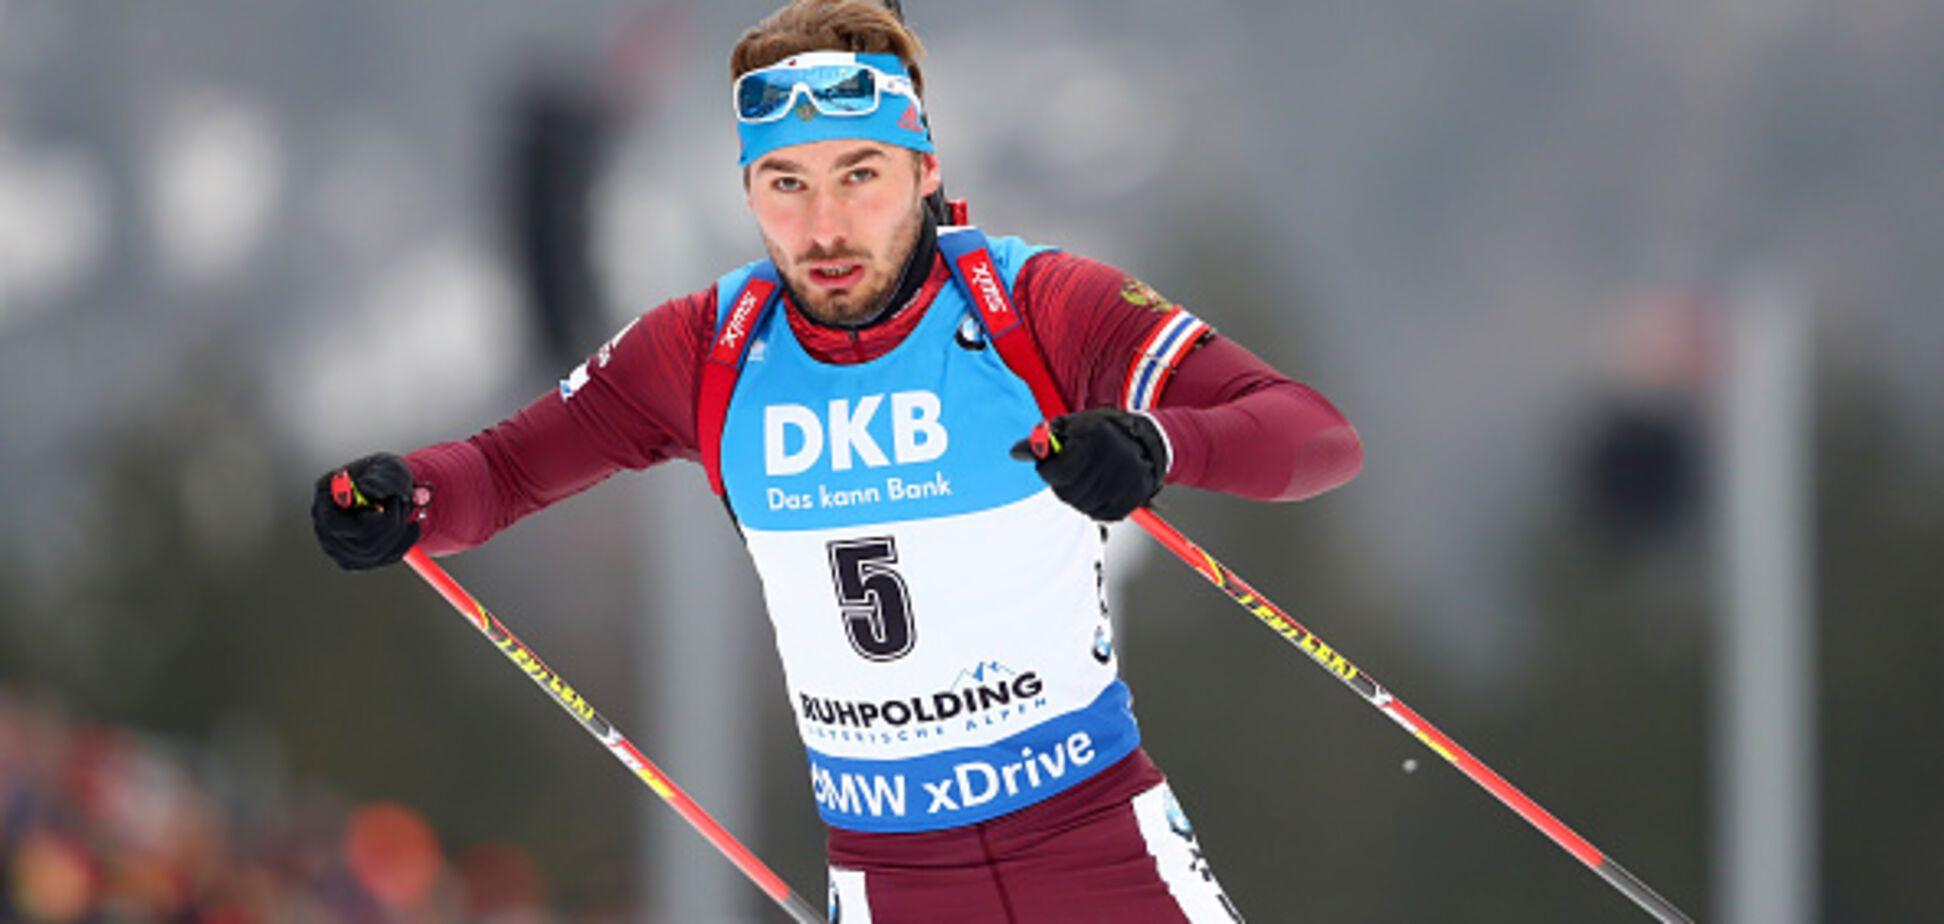 'Гнилая сущность': лучшего биатлониста России загнобили за бредовое заявление на Кубке мира